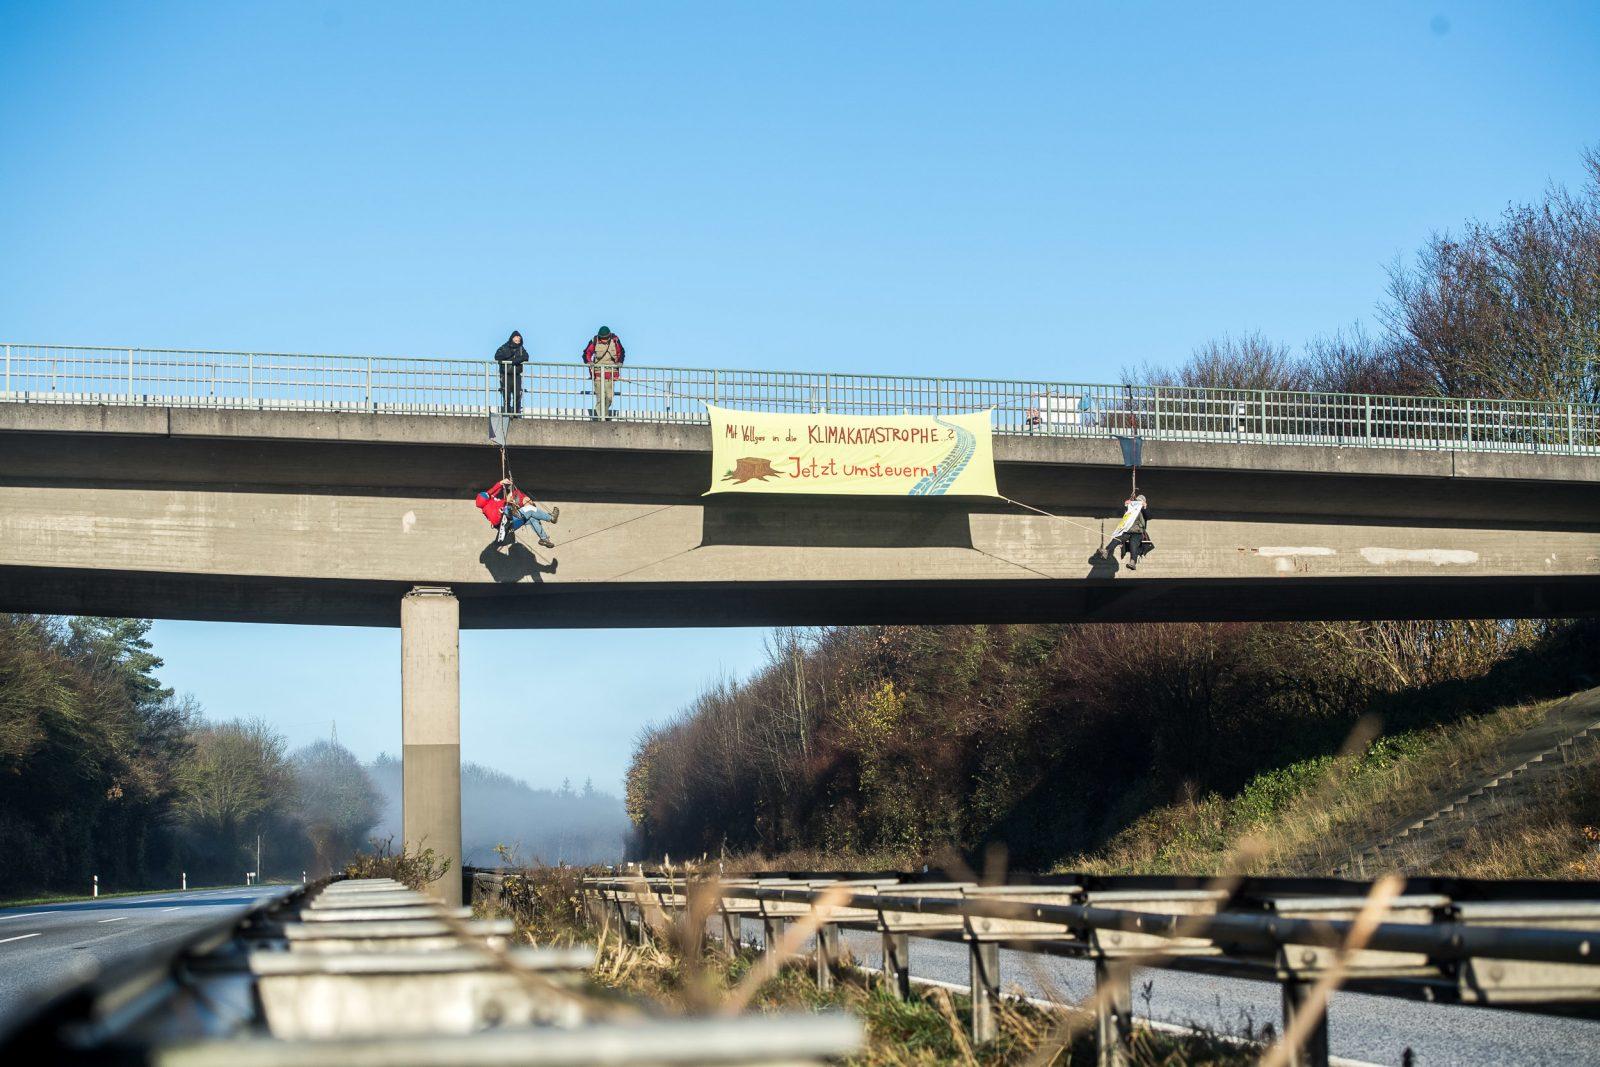 Auch auf der A7 bei Schleswig legten radikale Umweltschützer durch eine Abseilaktion den Verkehr lahm Foto: picture alliance/Benjamin Nolte/dpa